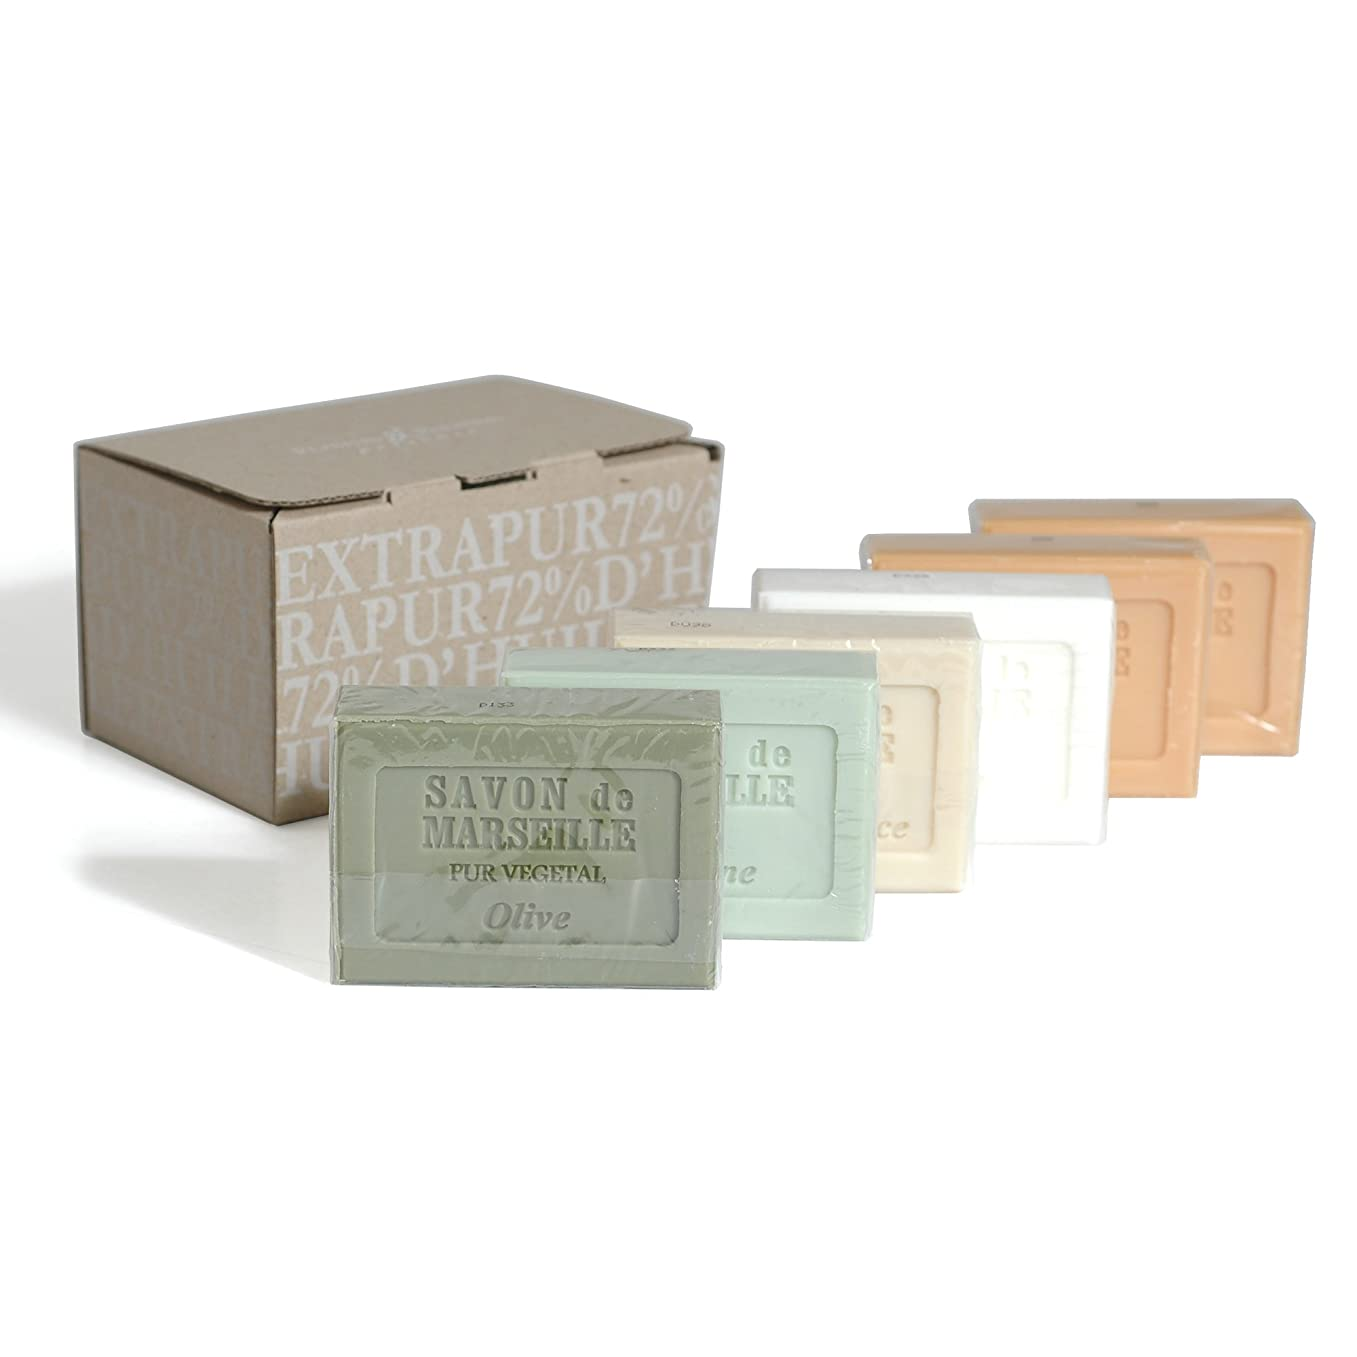 聴く多様性宣言するPlantes&Parfums [プランツ&パルファム] マルセイユソープセット 6pcs.